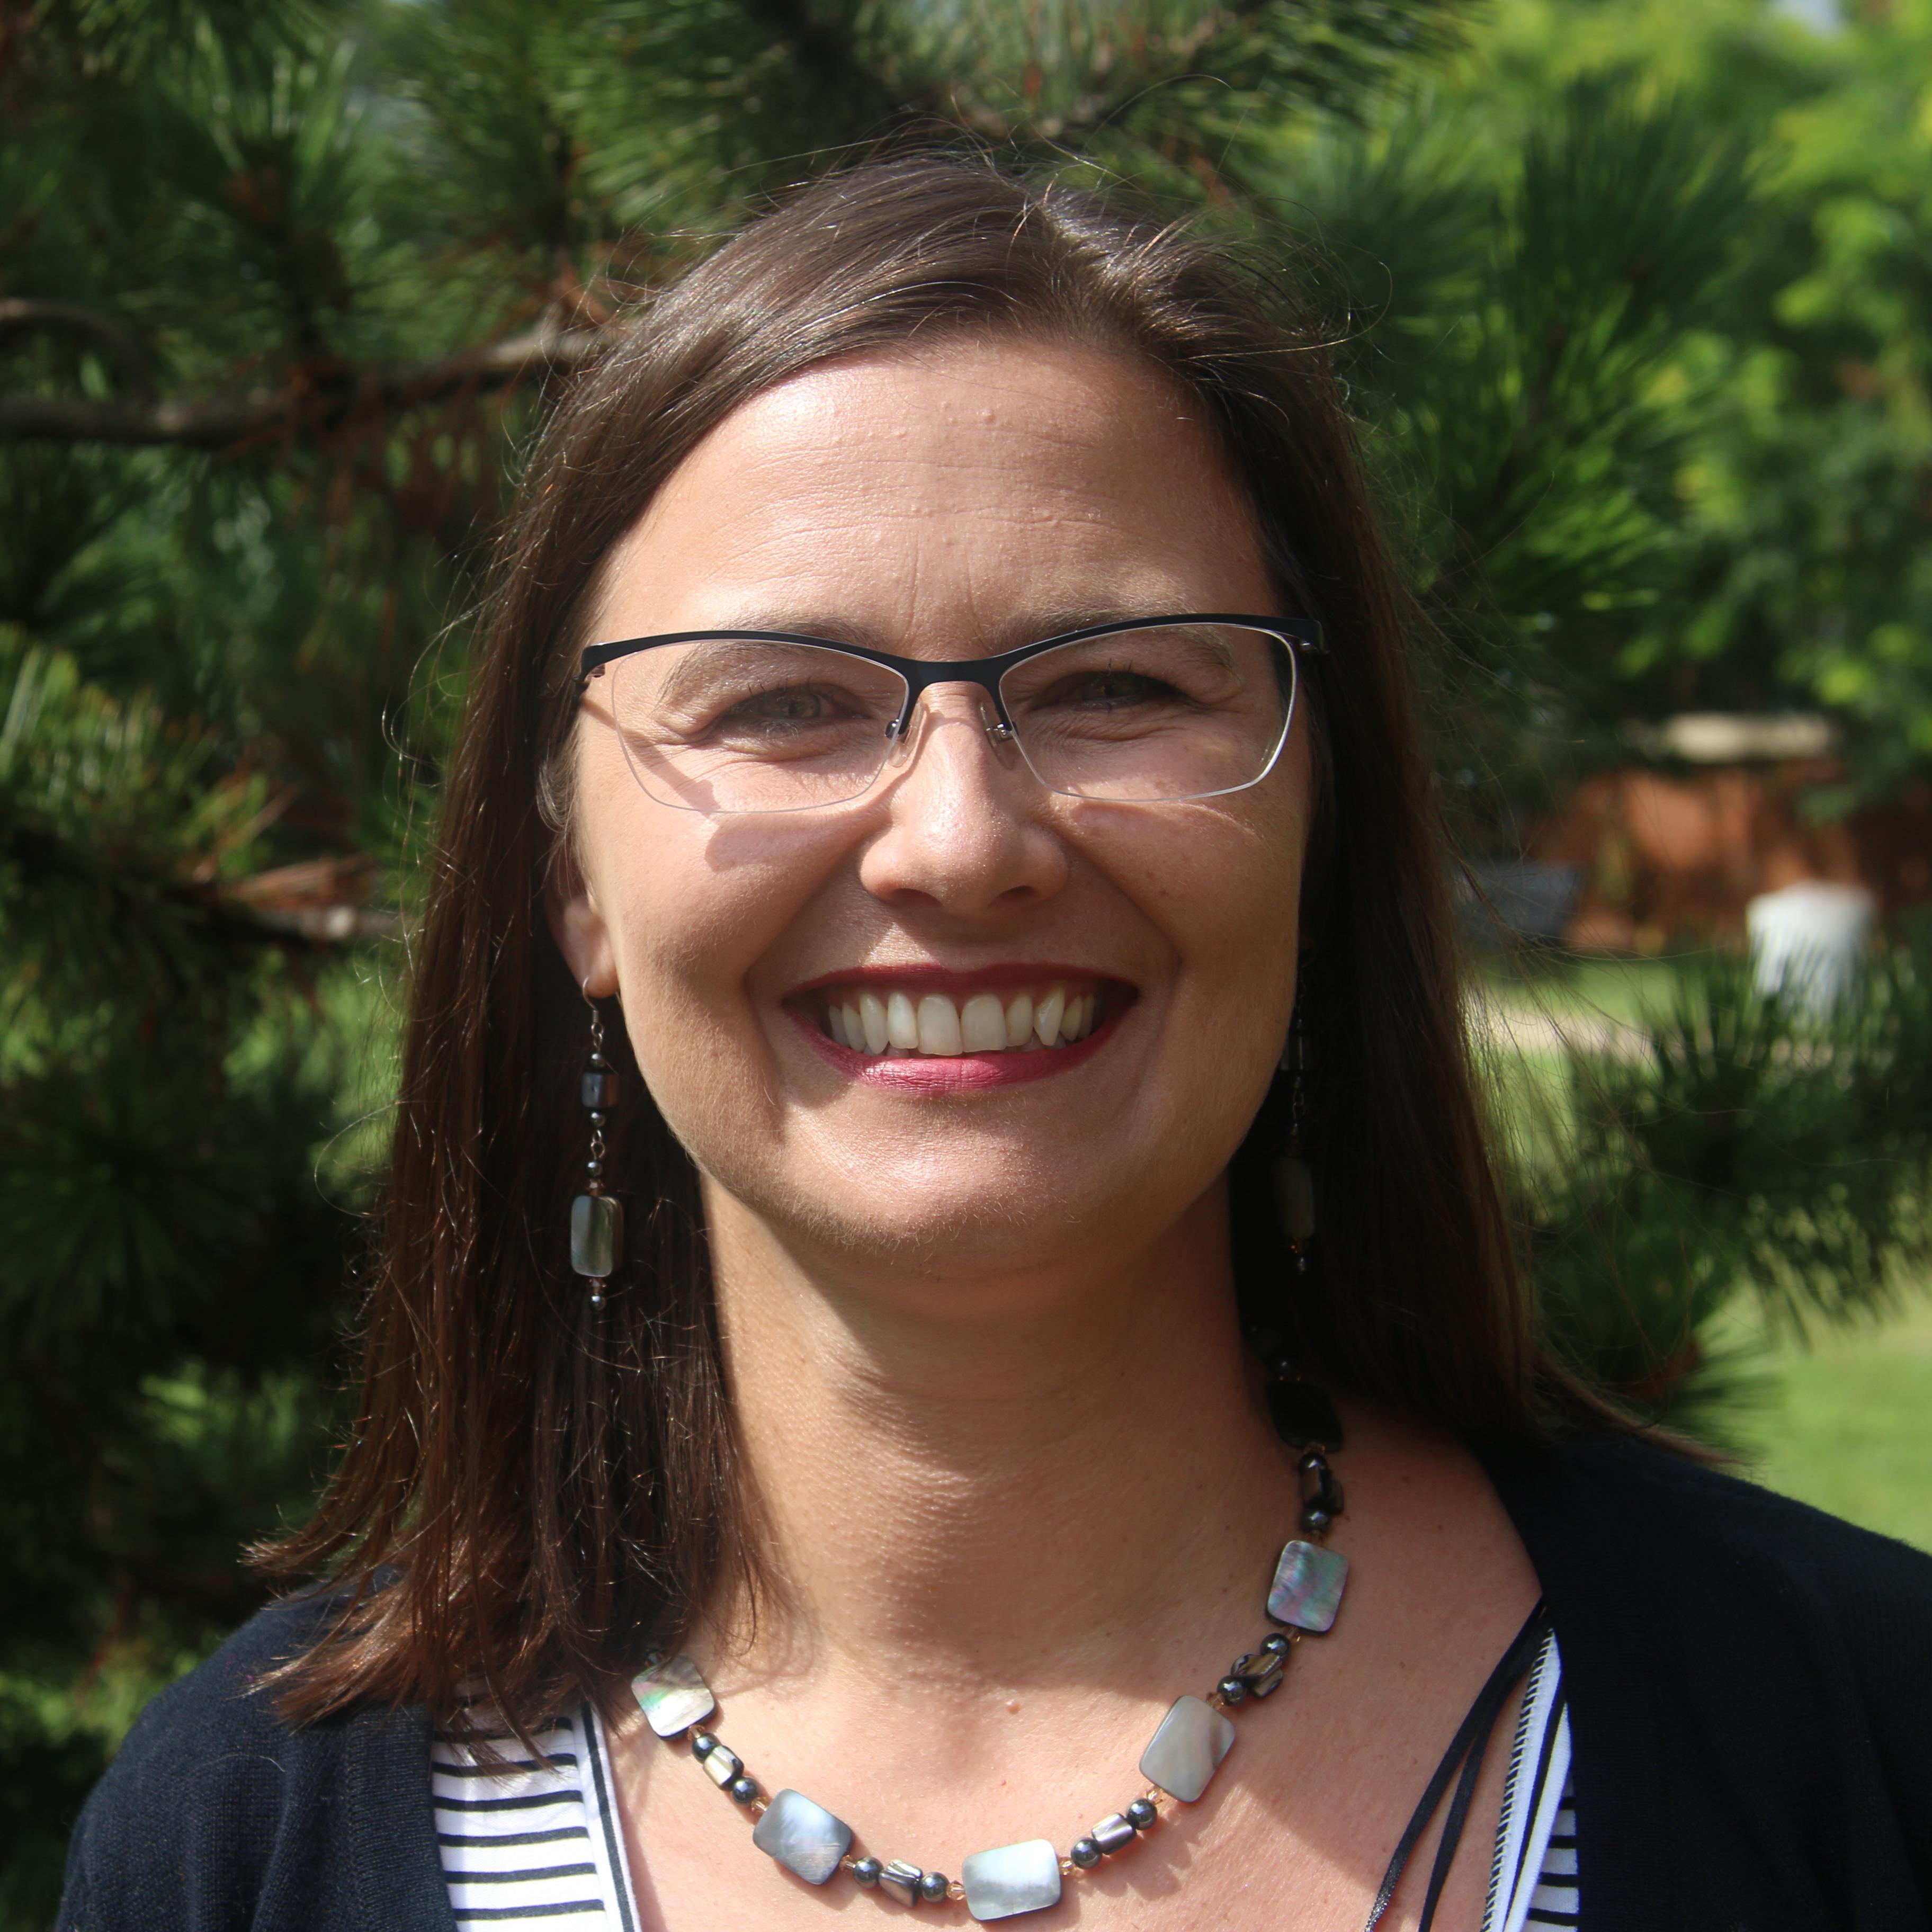 Michelle Ribaudo